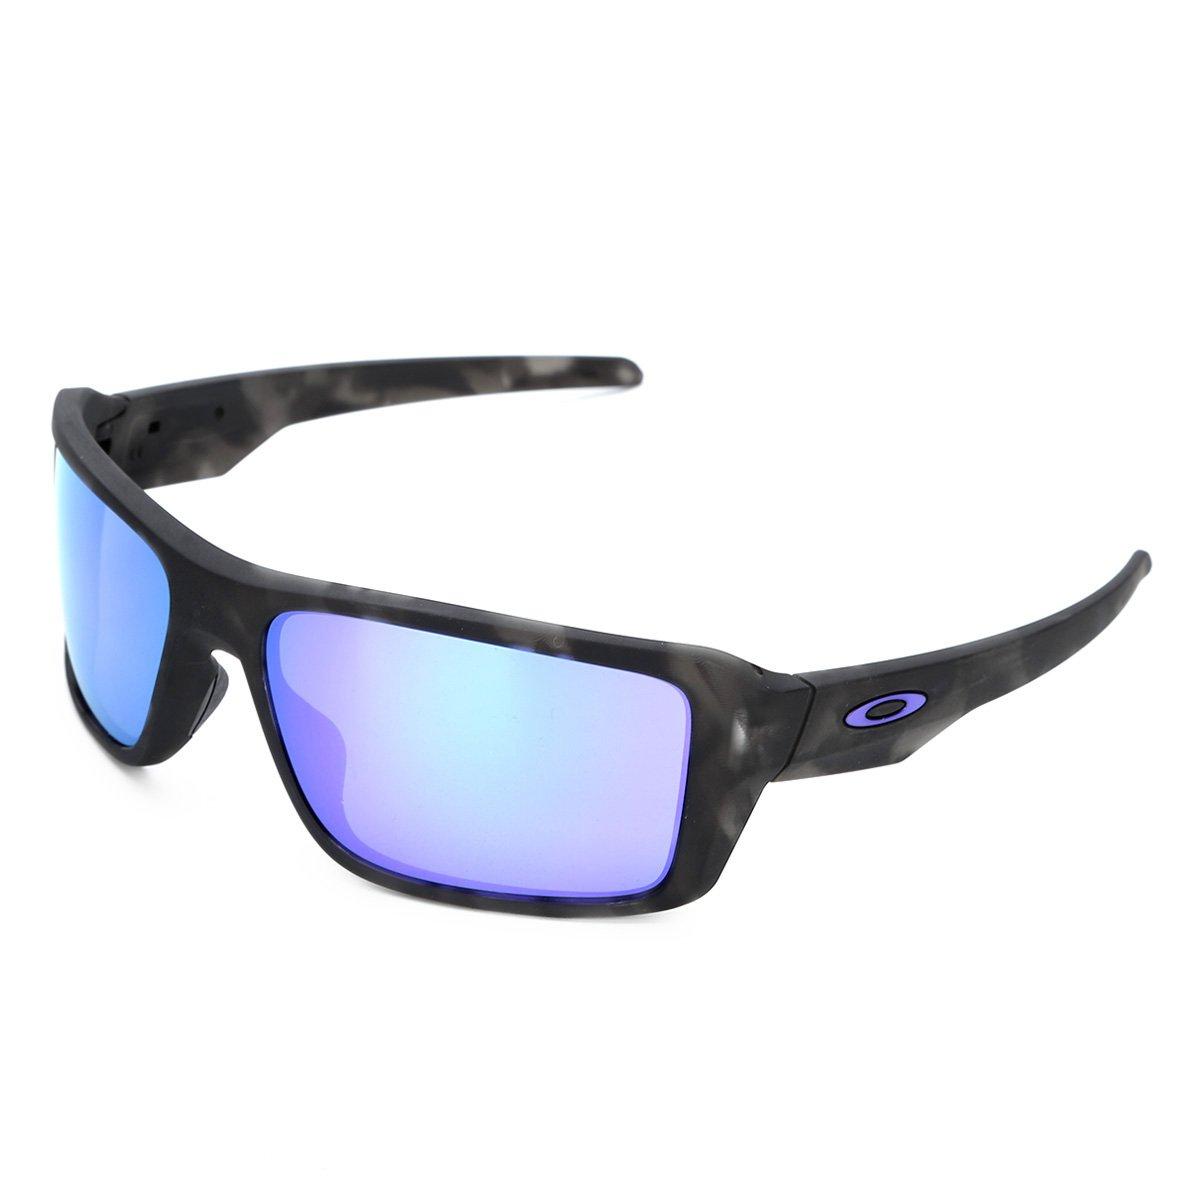 665ef7827176c Óculos de Sol Oakley Double Edge Masculino - Preto e Azul - Compre Agora